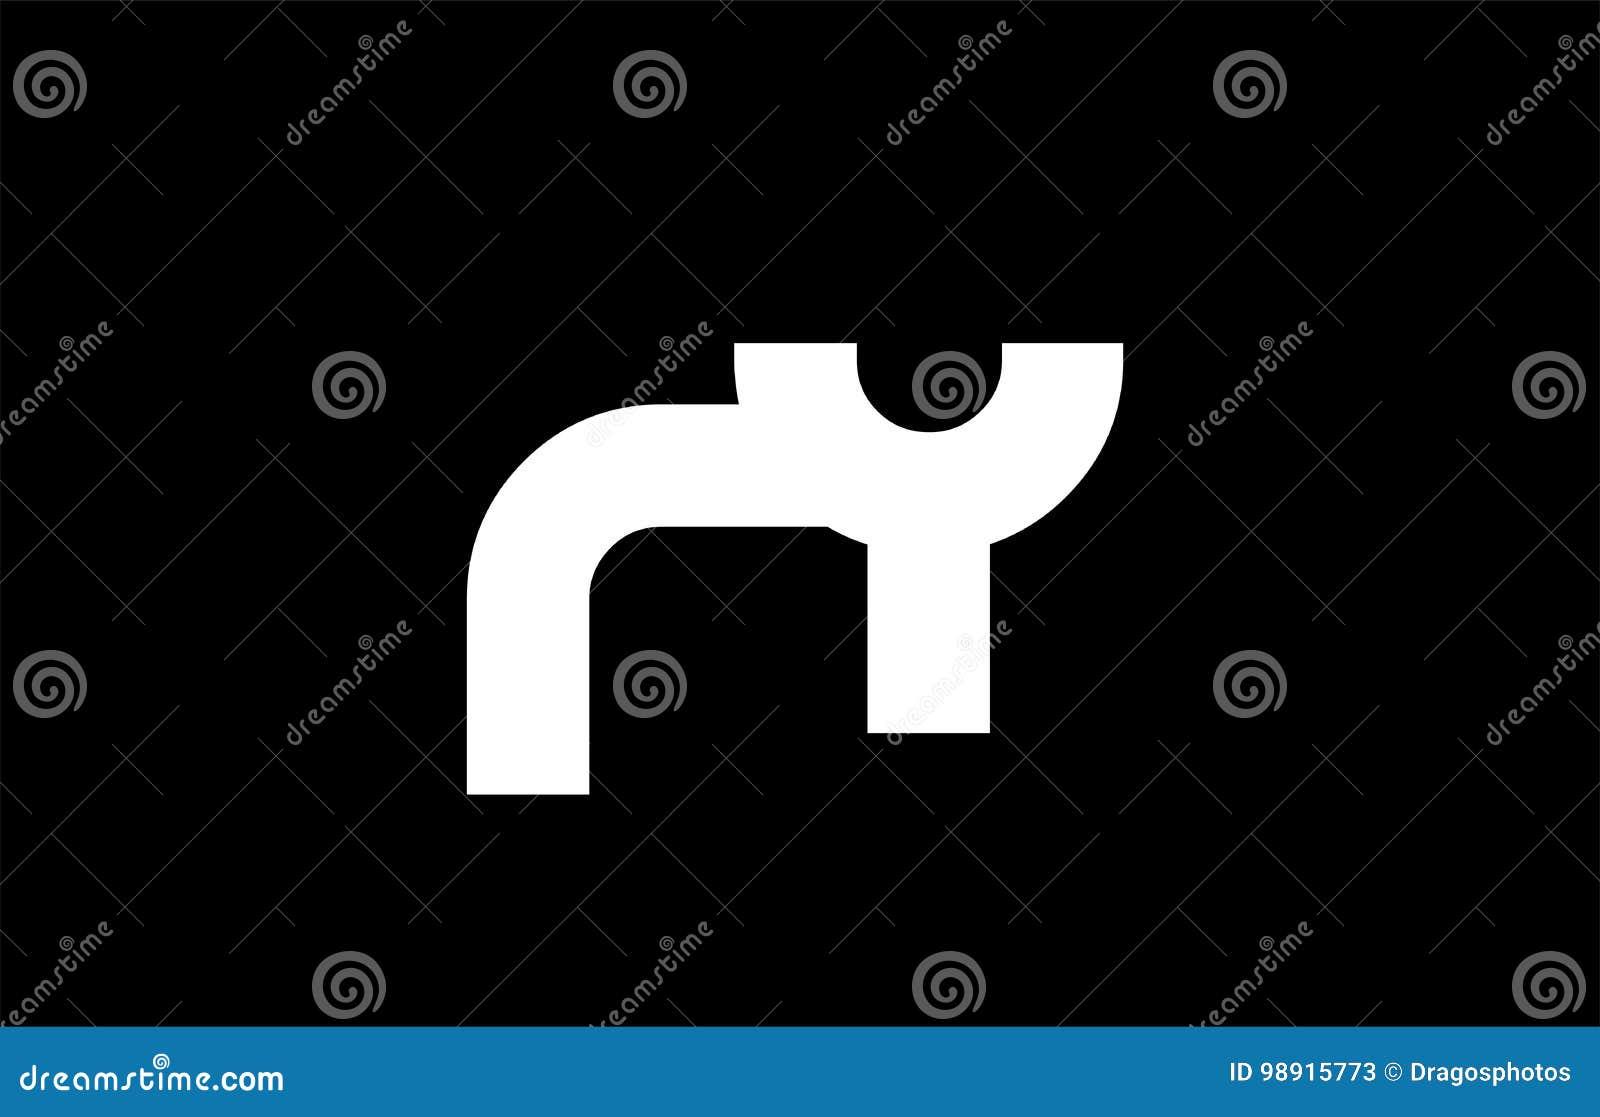 Ziemlich Elektrisches Symbol Für Relais Fotos - Schaltplan Serie ...